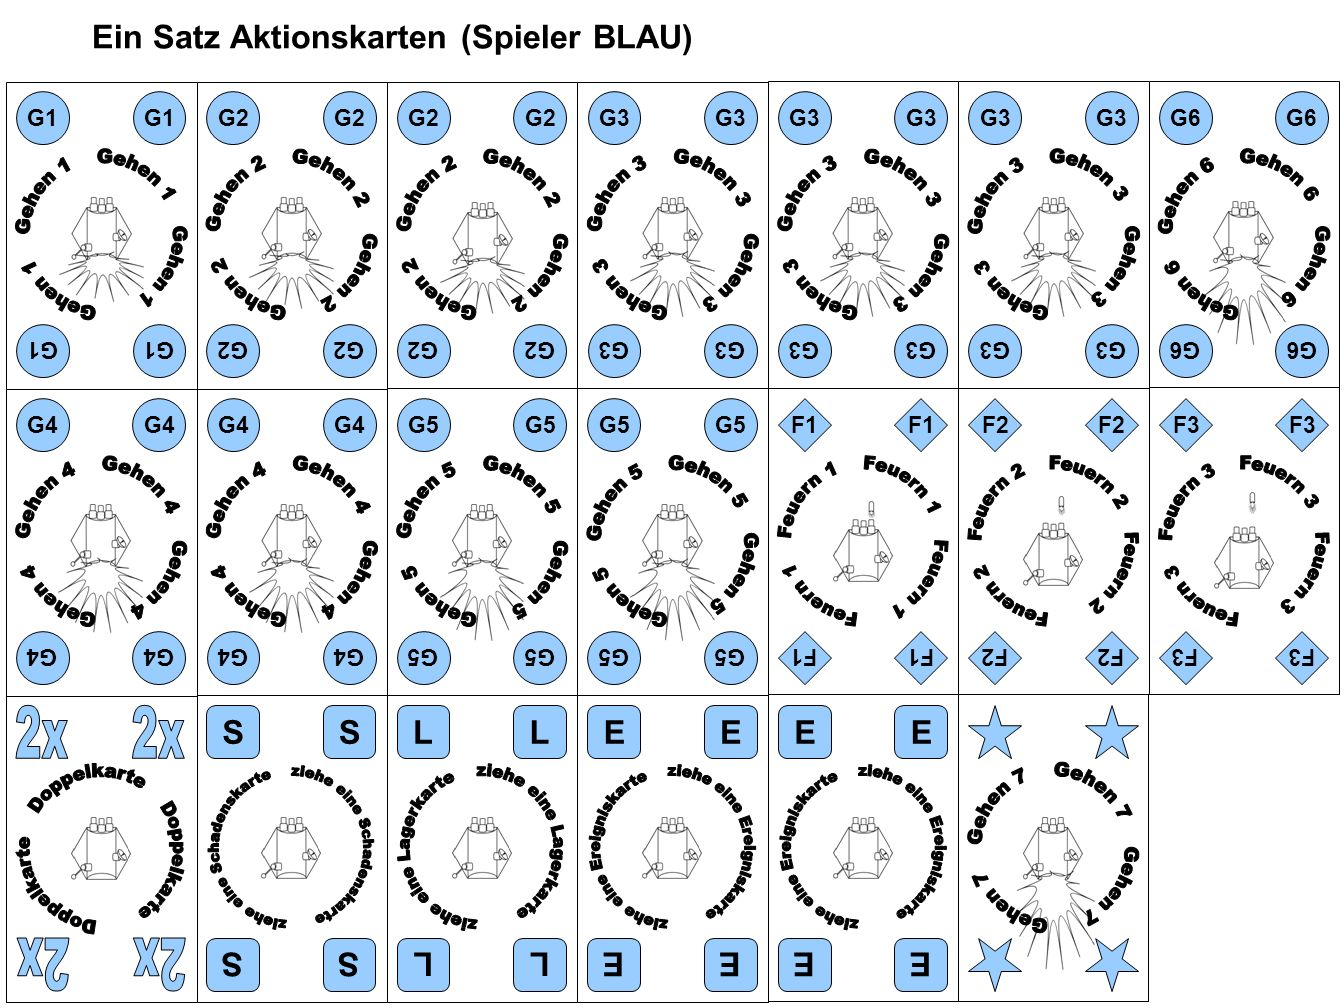 Ein Satz Aktionskarten (Spieler BLAU) F2 F3 F1 E G5 E EE EE EE LL LL SS SS G4 G1 G2 G4 G2 G3 G6